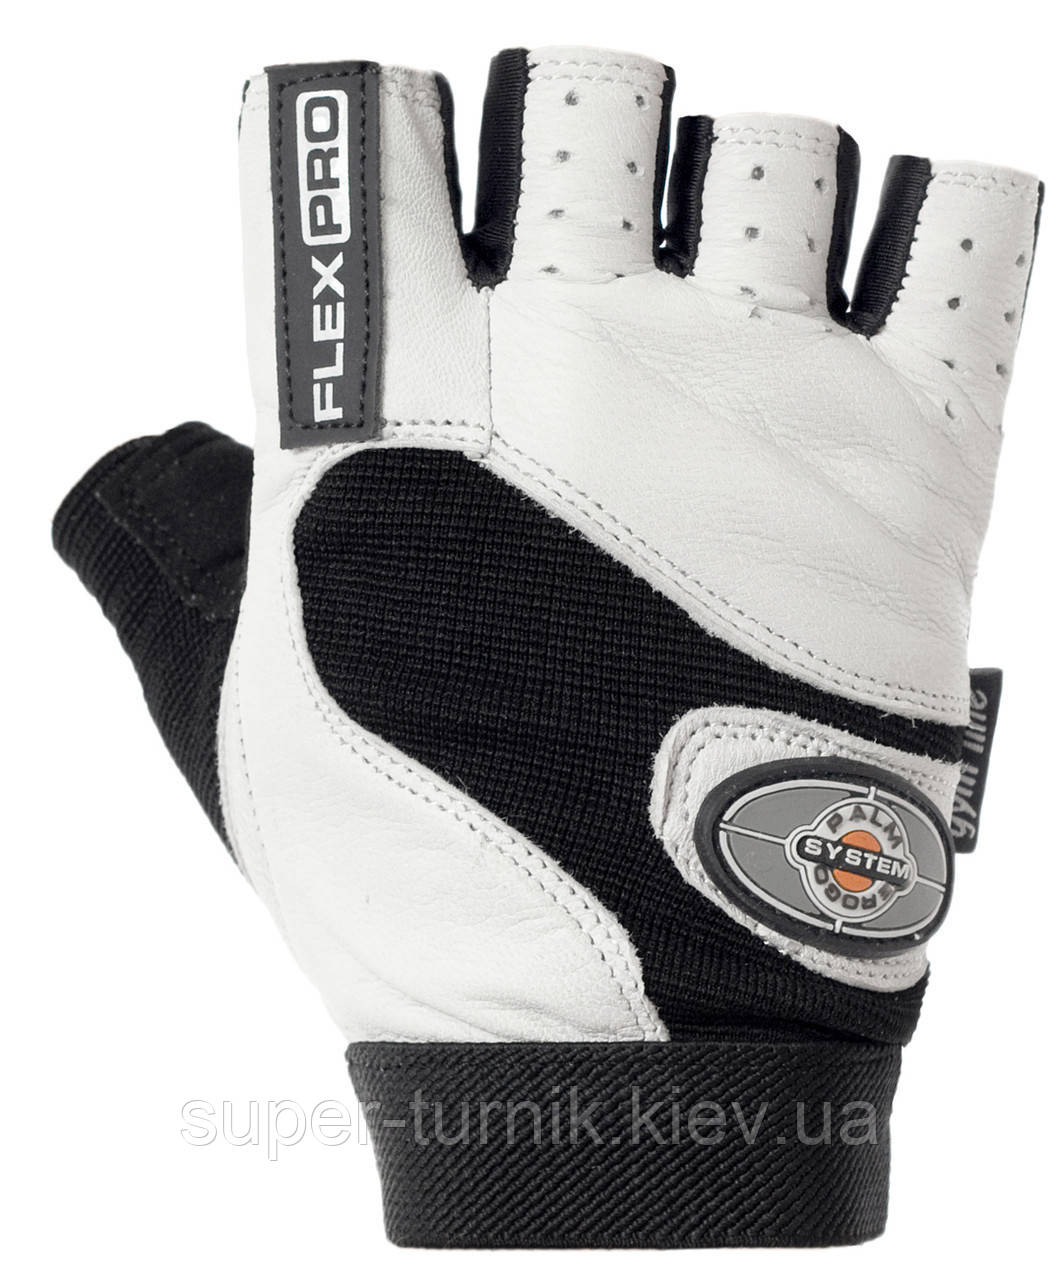 Перчатки для фитнеса и тяжелой атлетики Power System Flex Pro PS-2650 XL White